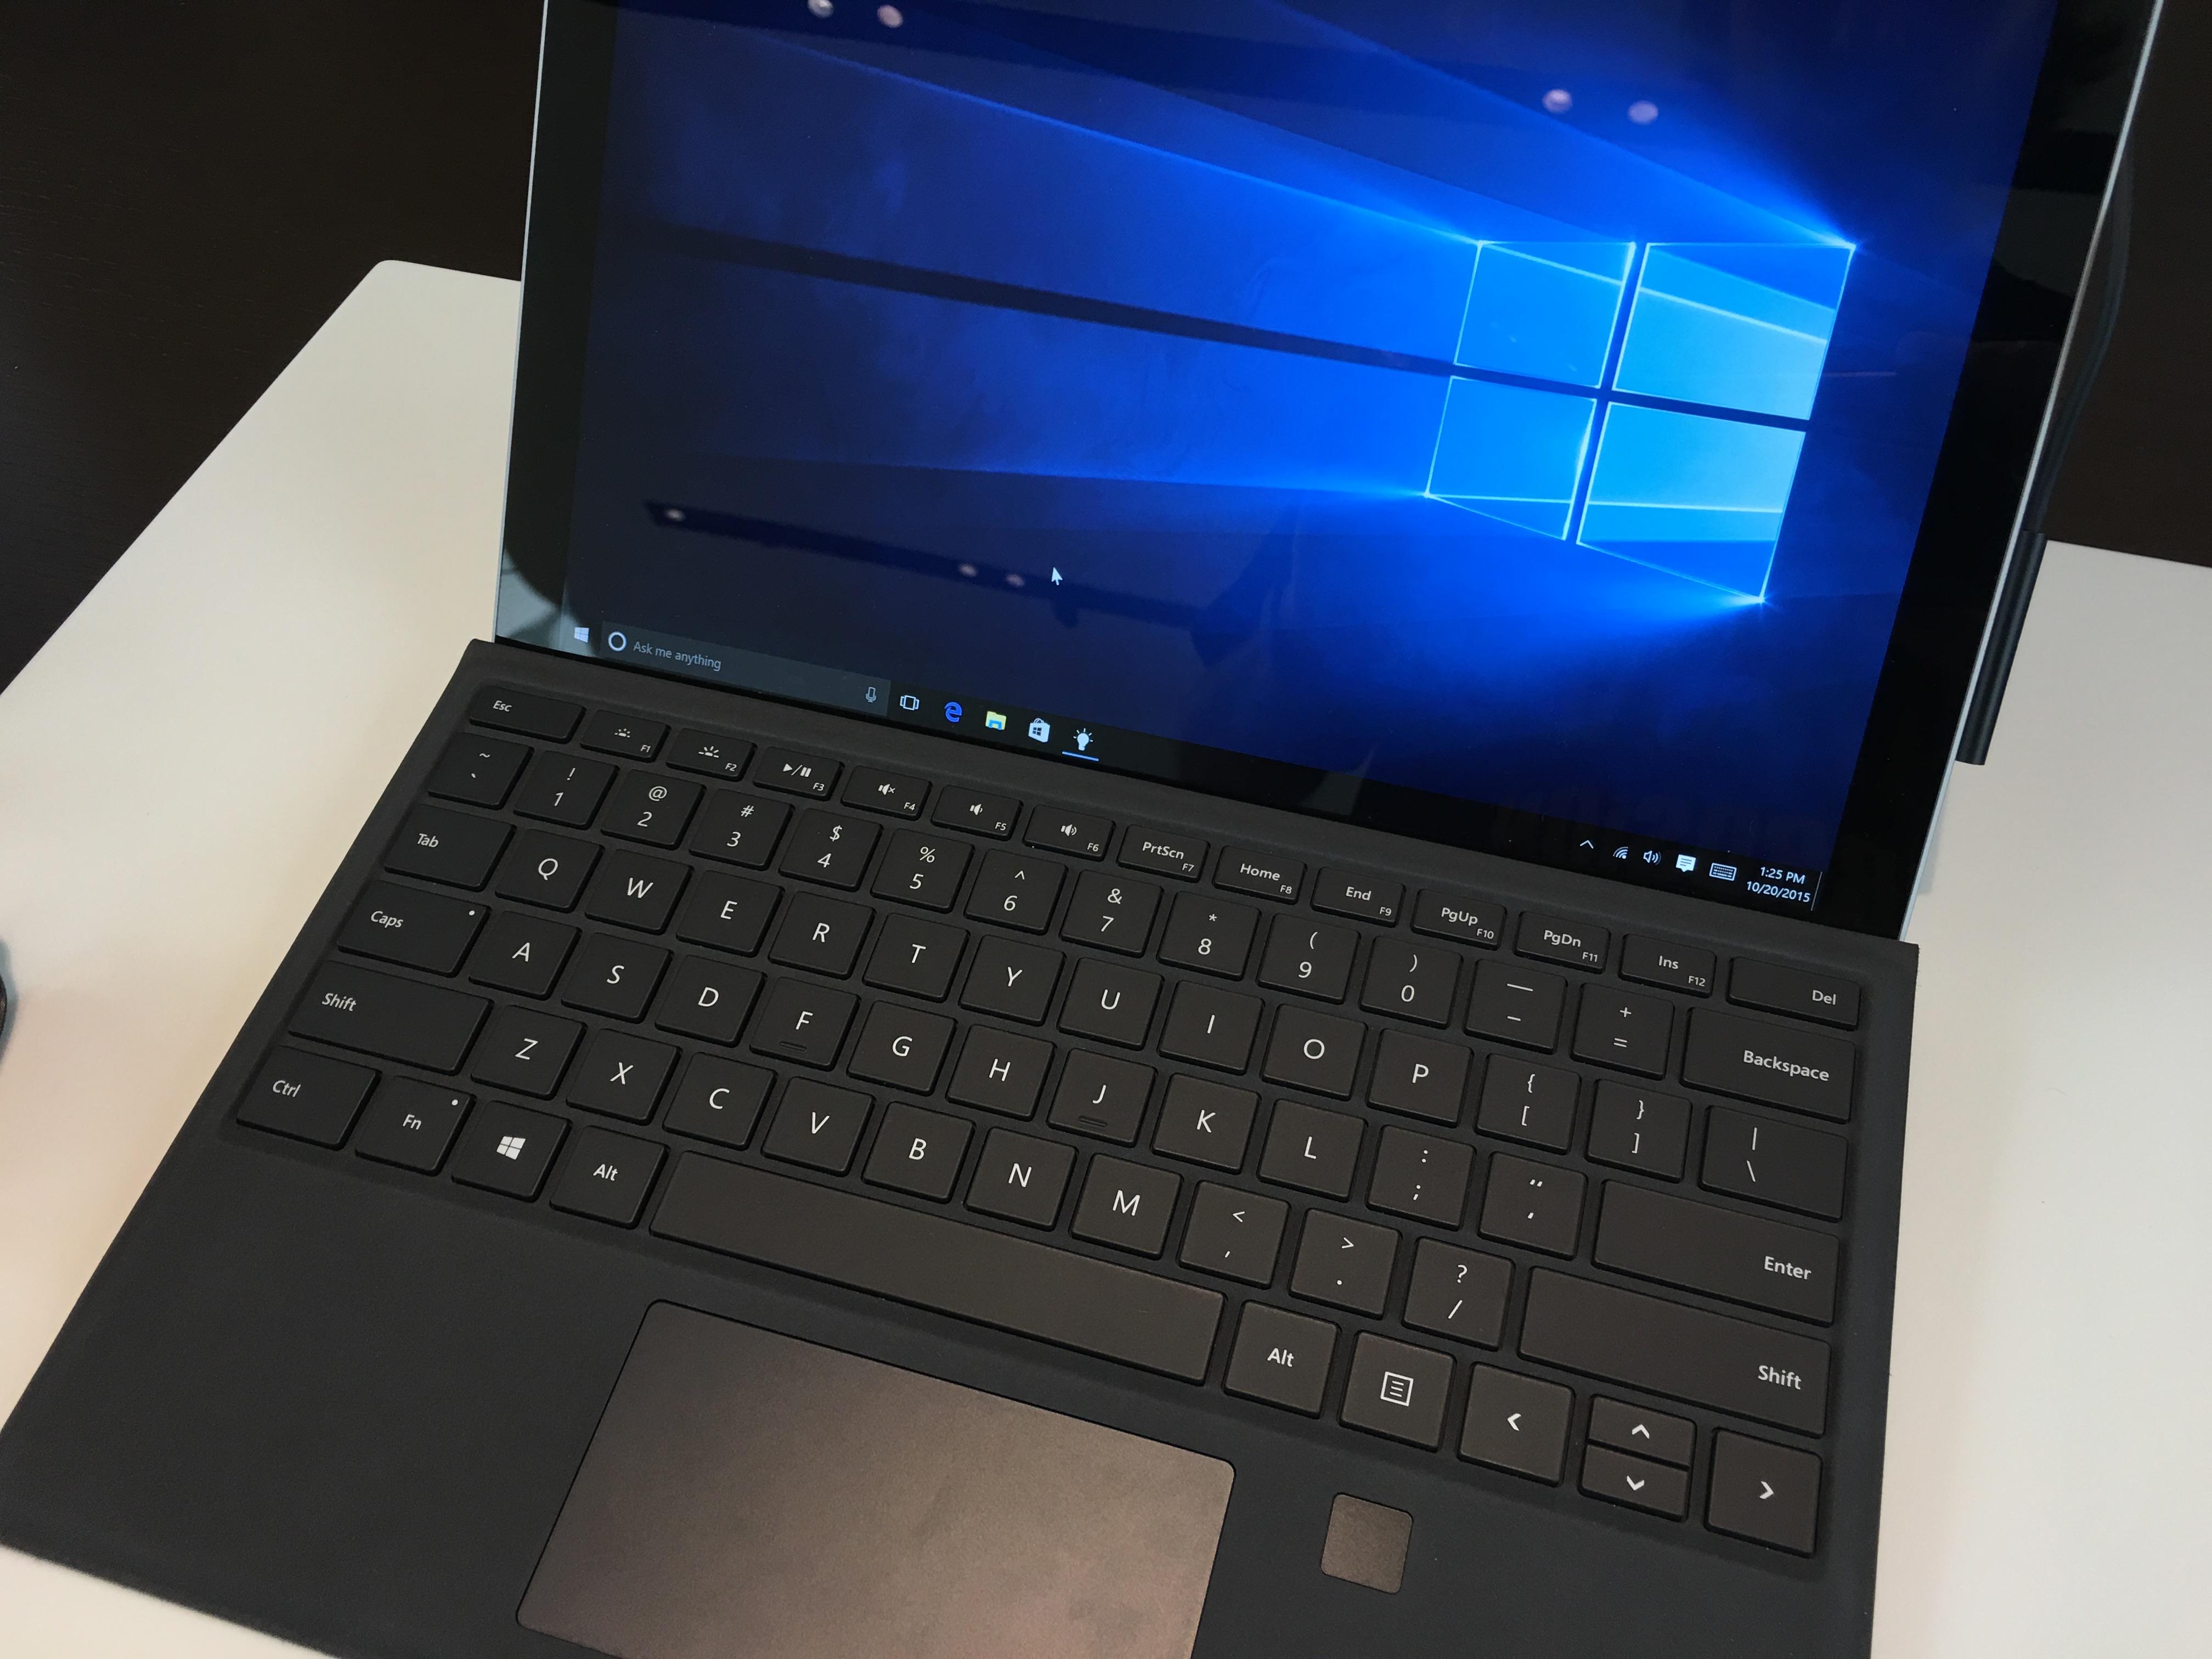 Surface Pro 4 vil ikke overraske noen som har stiftet bekjentskap med forgjengeren, men den er kjappere og kjøligere. Rammen rundt skjermen er også mindre.